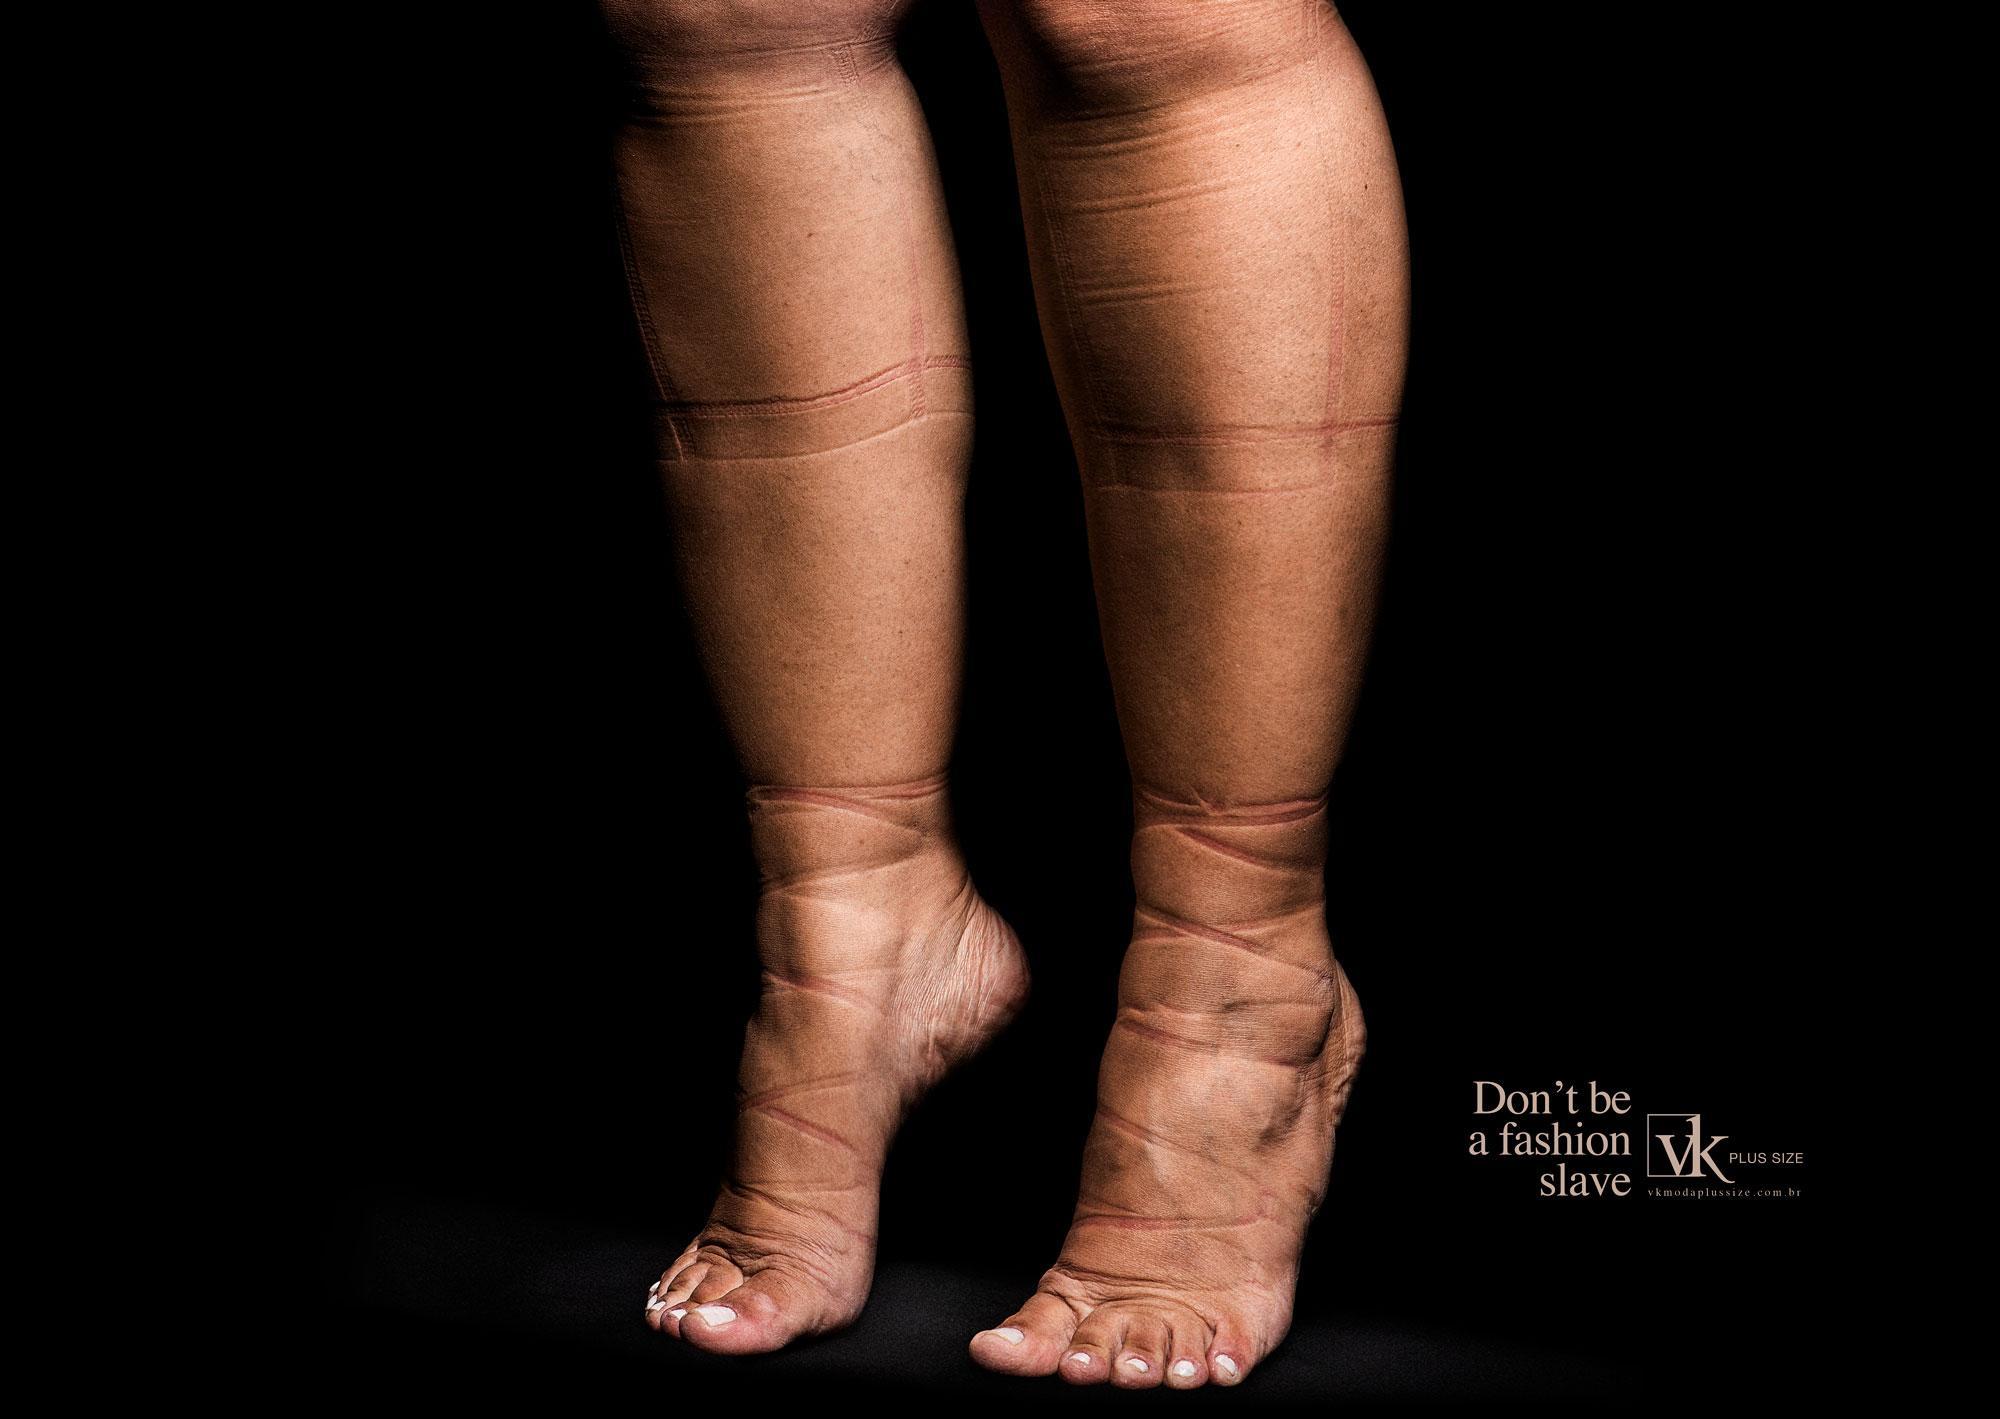 VK Moda Plus Size Print Ad - Feet